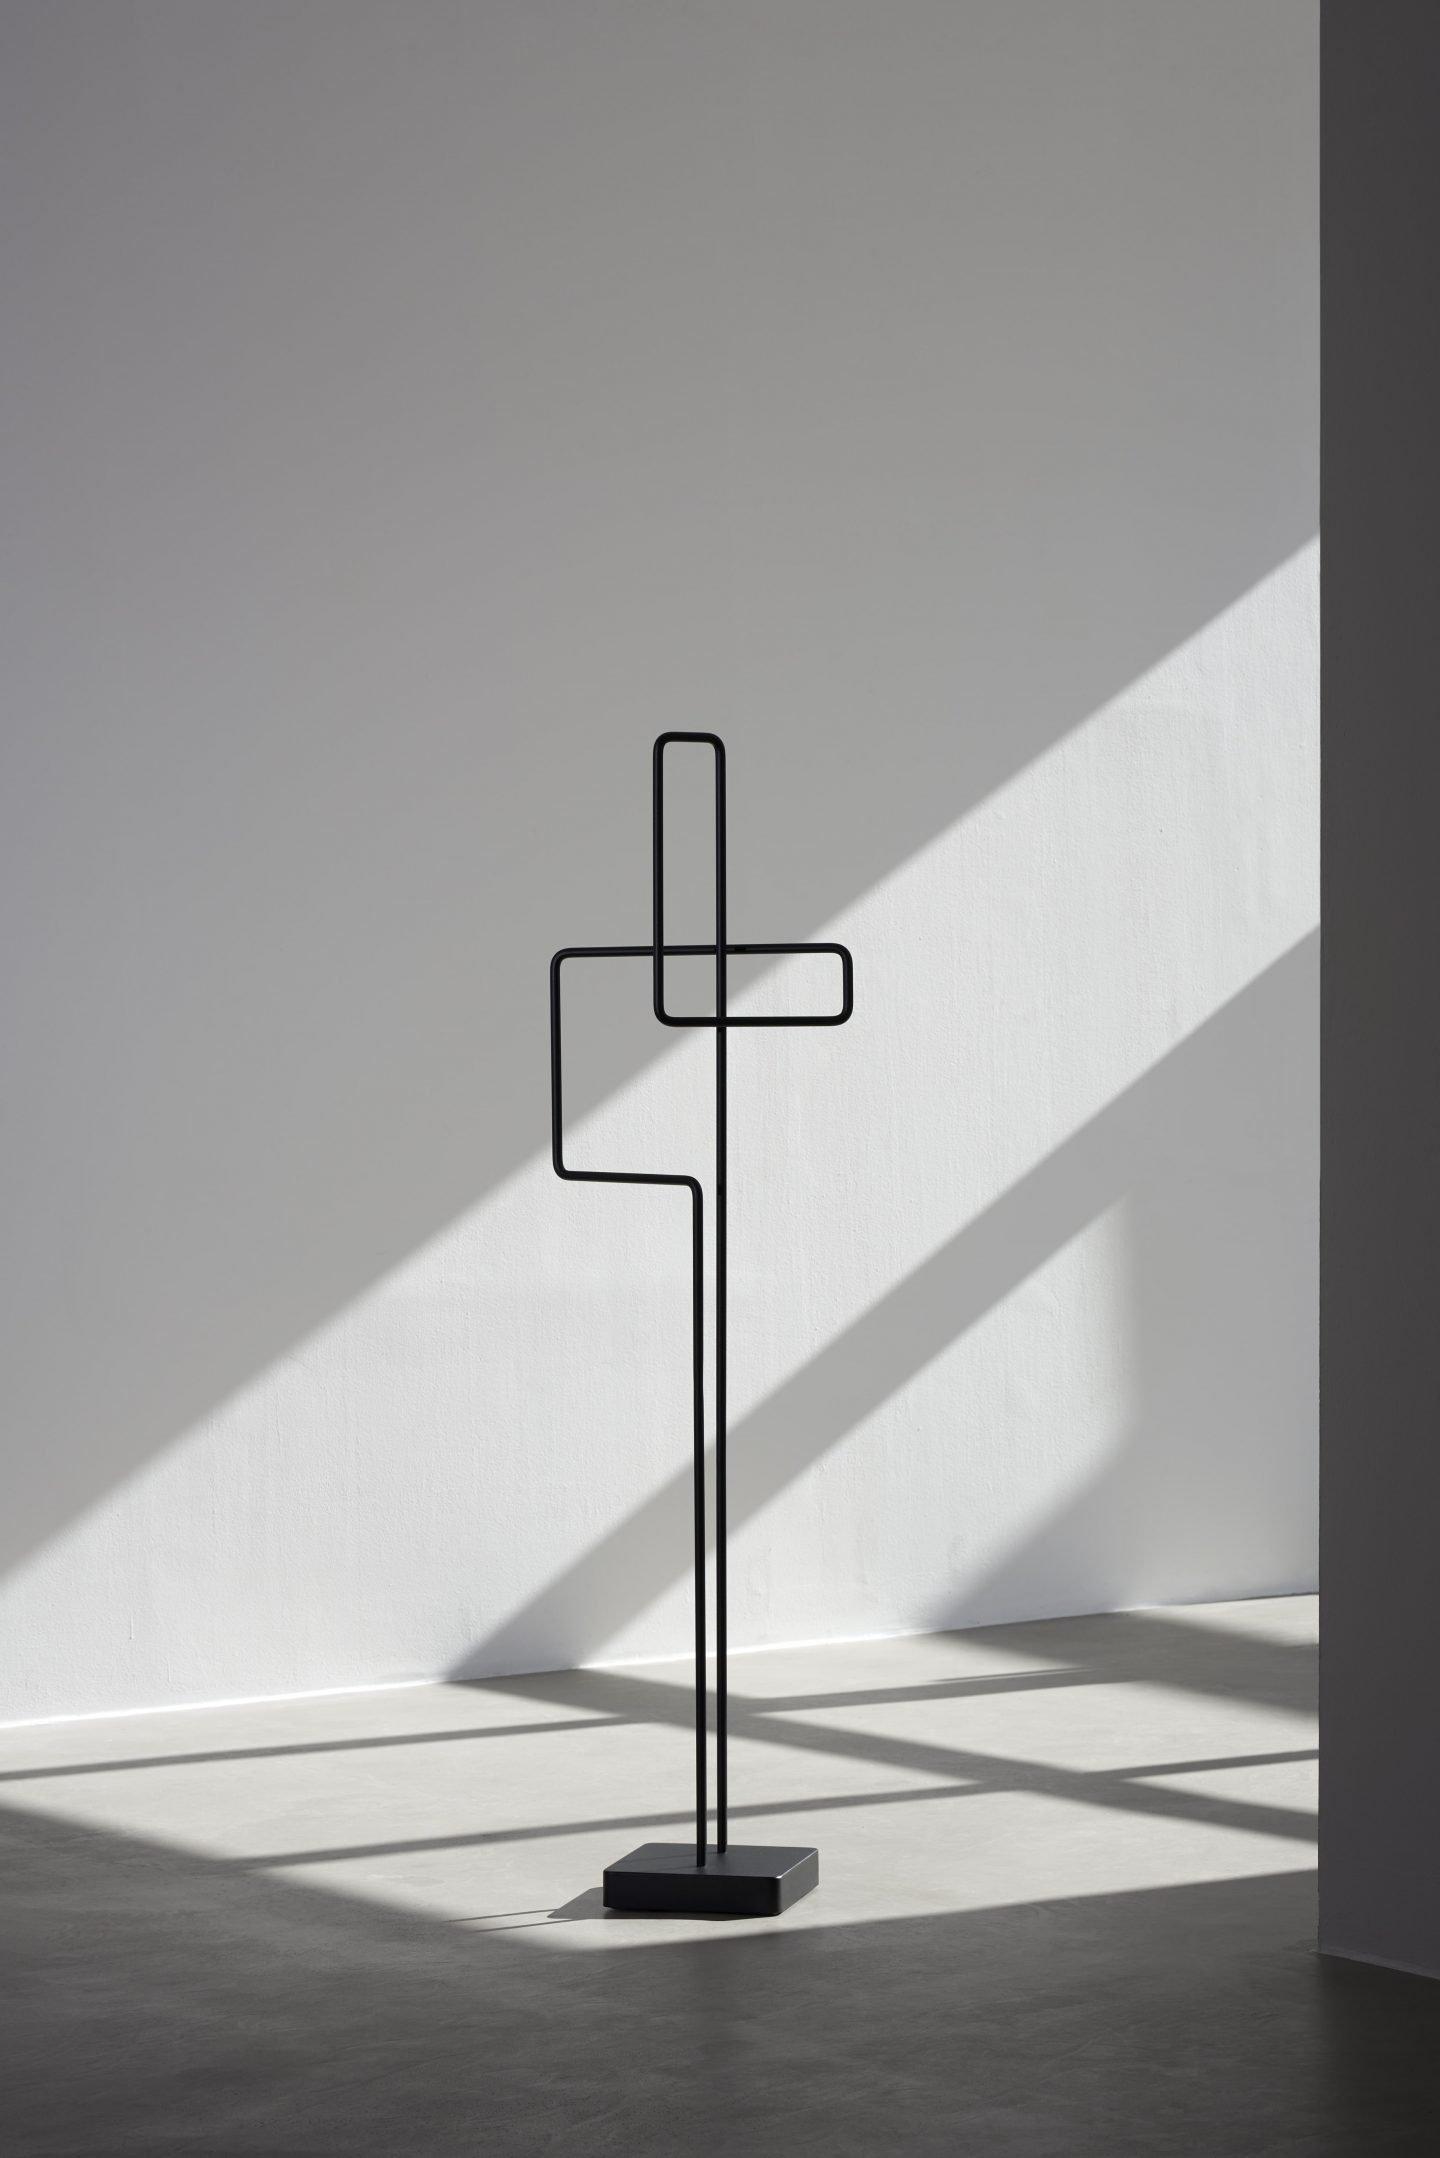 IGNANT-Design-kaschkasch-1